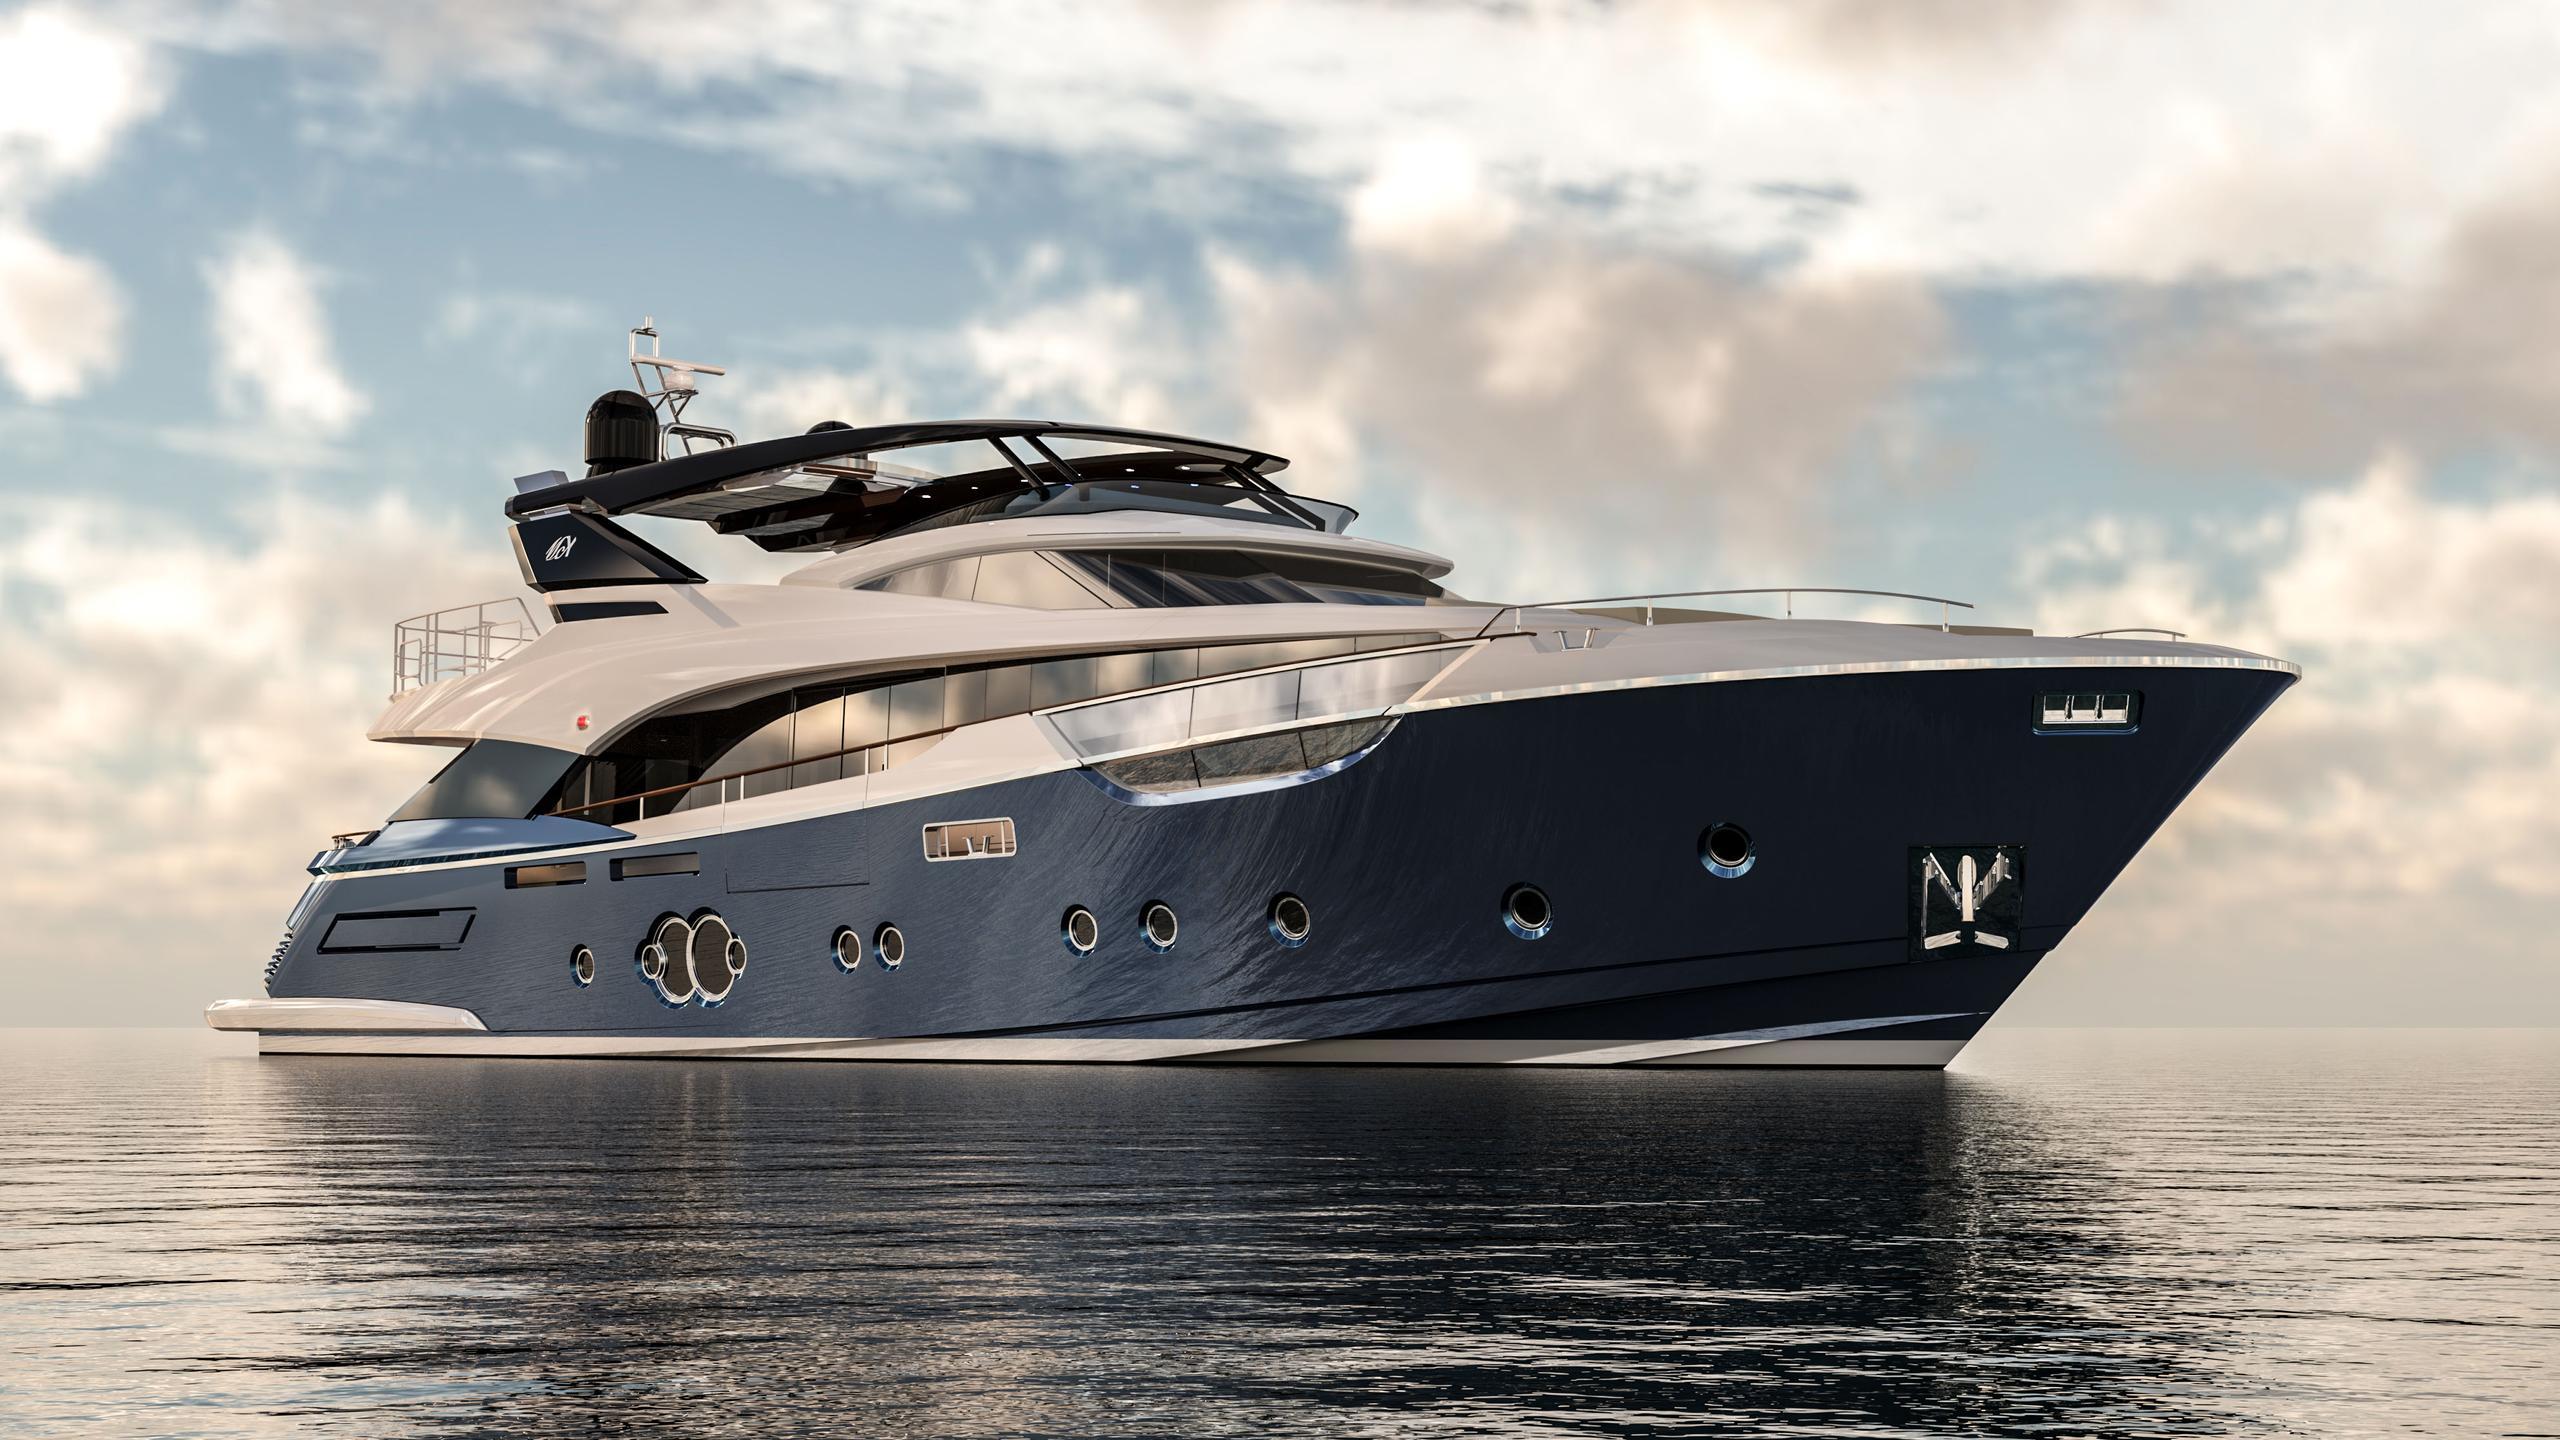 mcy 96 hull 1 motoryacht monte carlo yachts 30m 2017 rendering